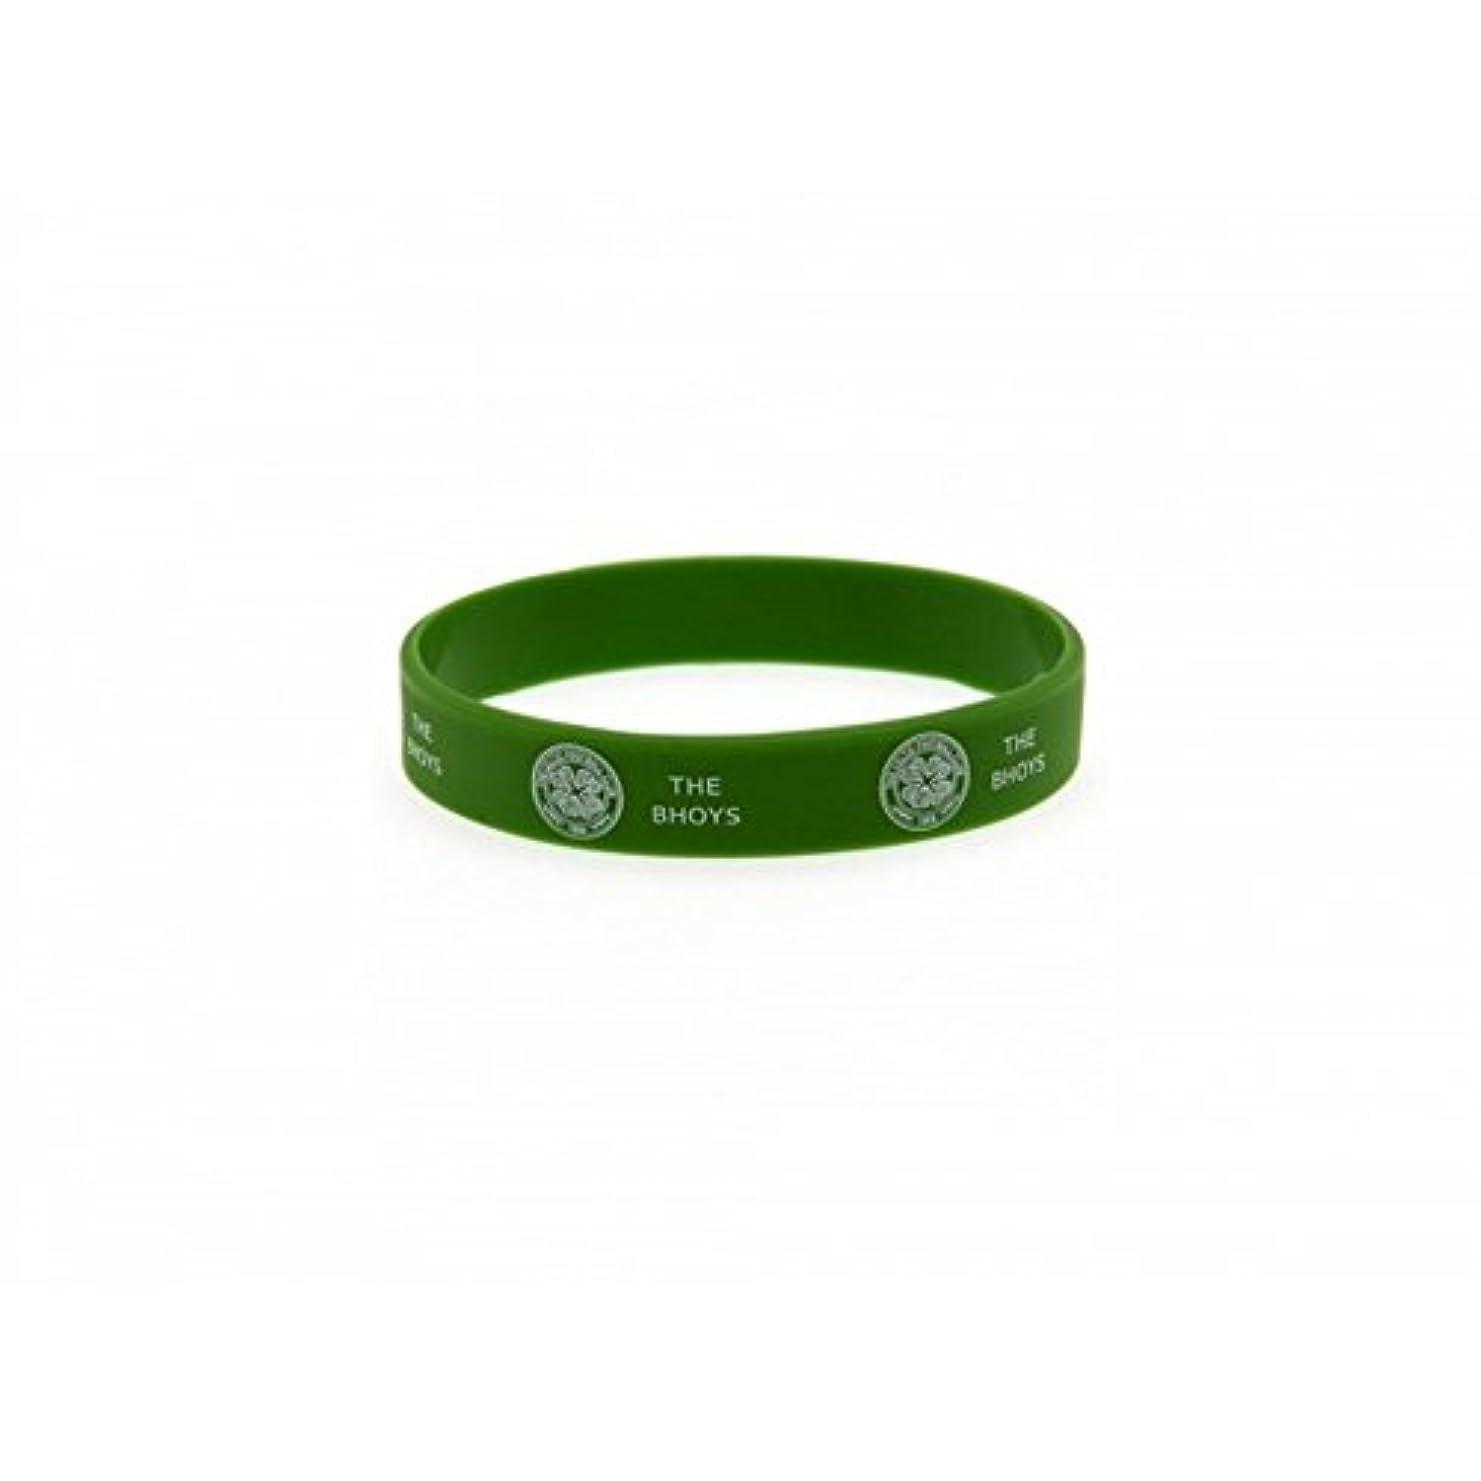 グリース候補者れるセルティック フットボールクラブ Celtic FC オフィシャル商品 シリコン リストバンド